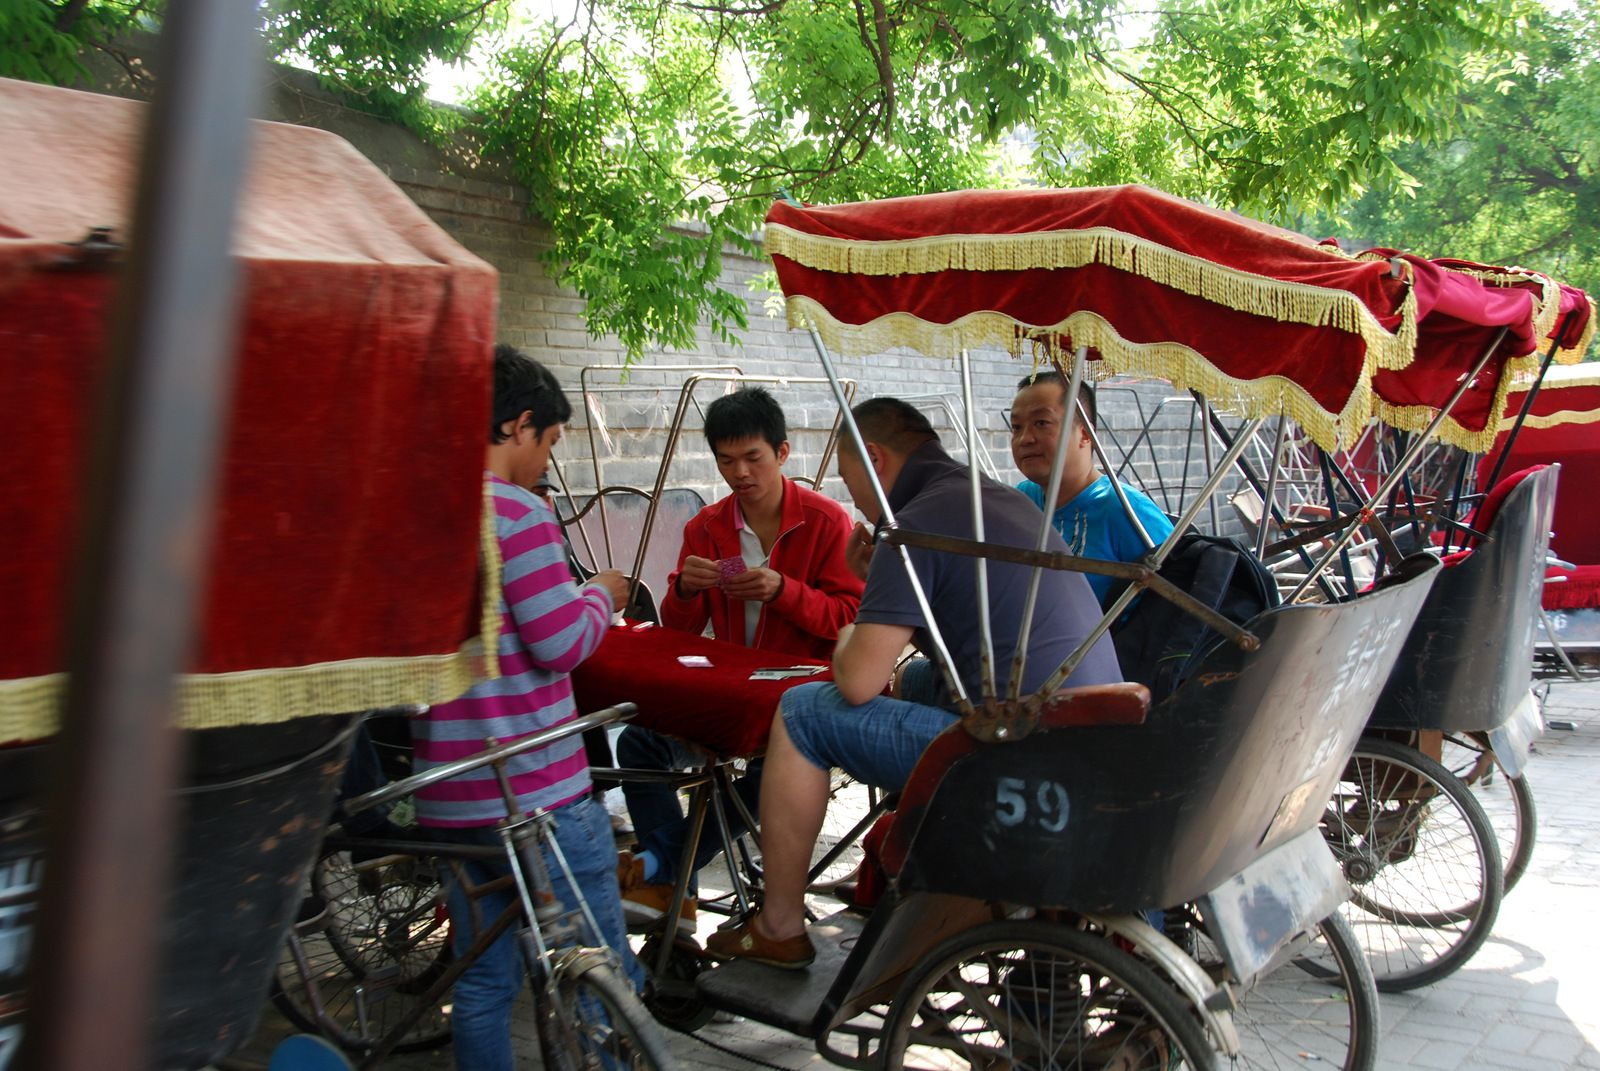 Pékin / 2014 / Il est 08h05, nous sommes le 11 Juin 2021